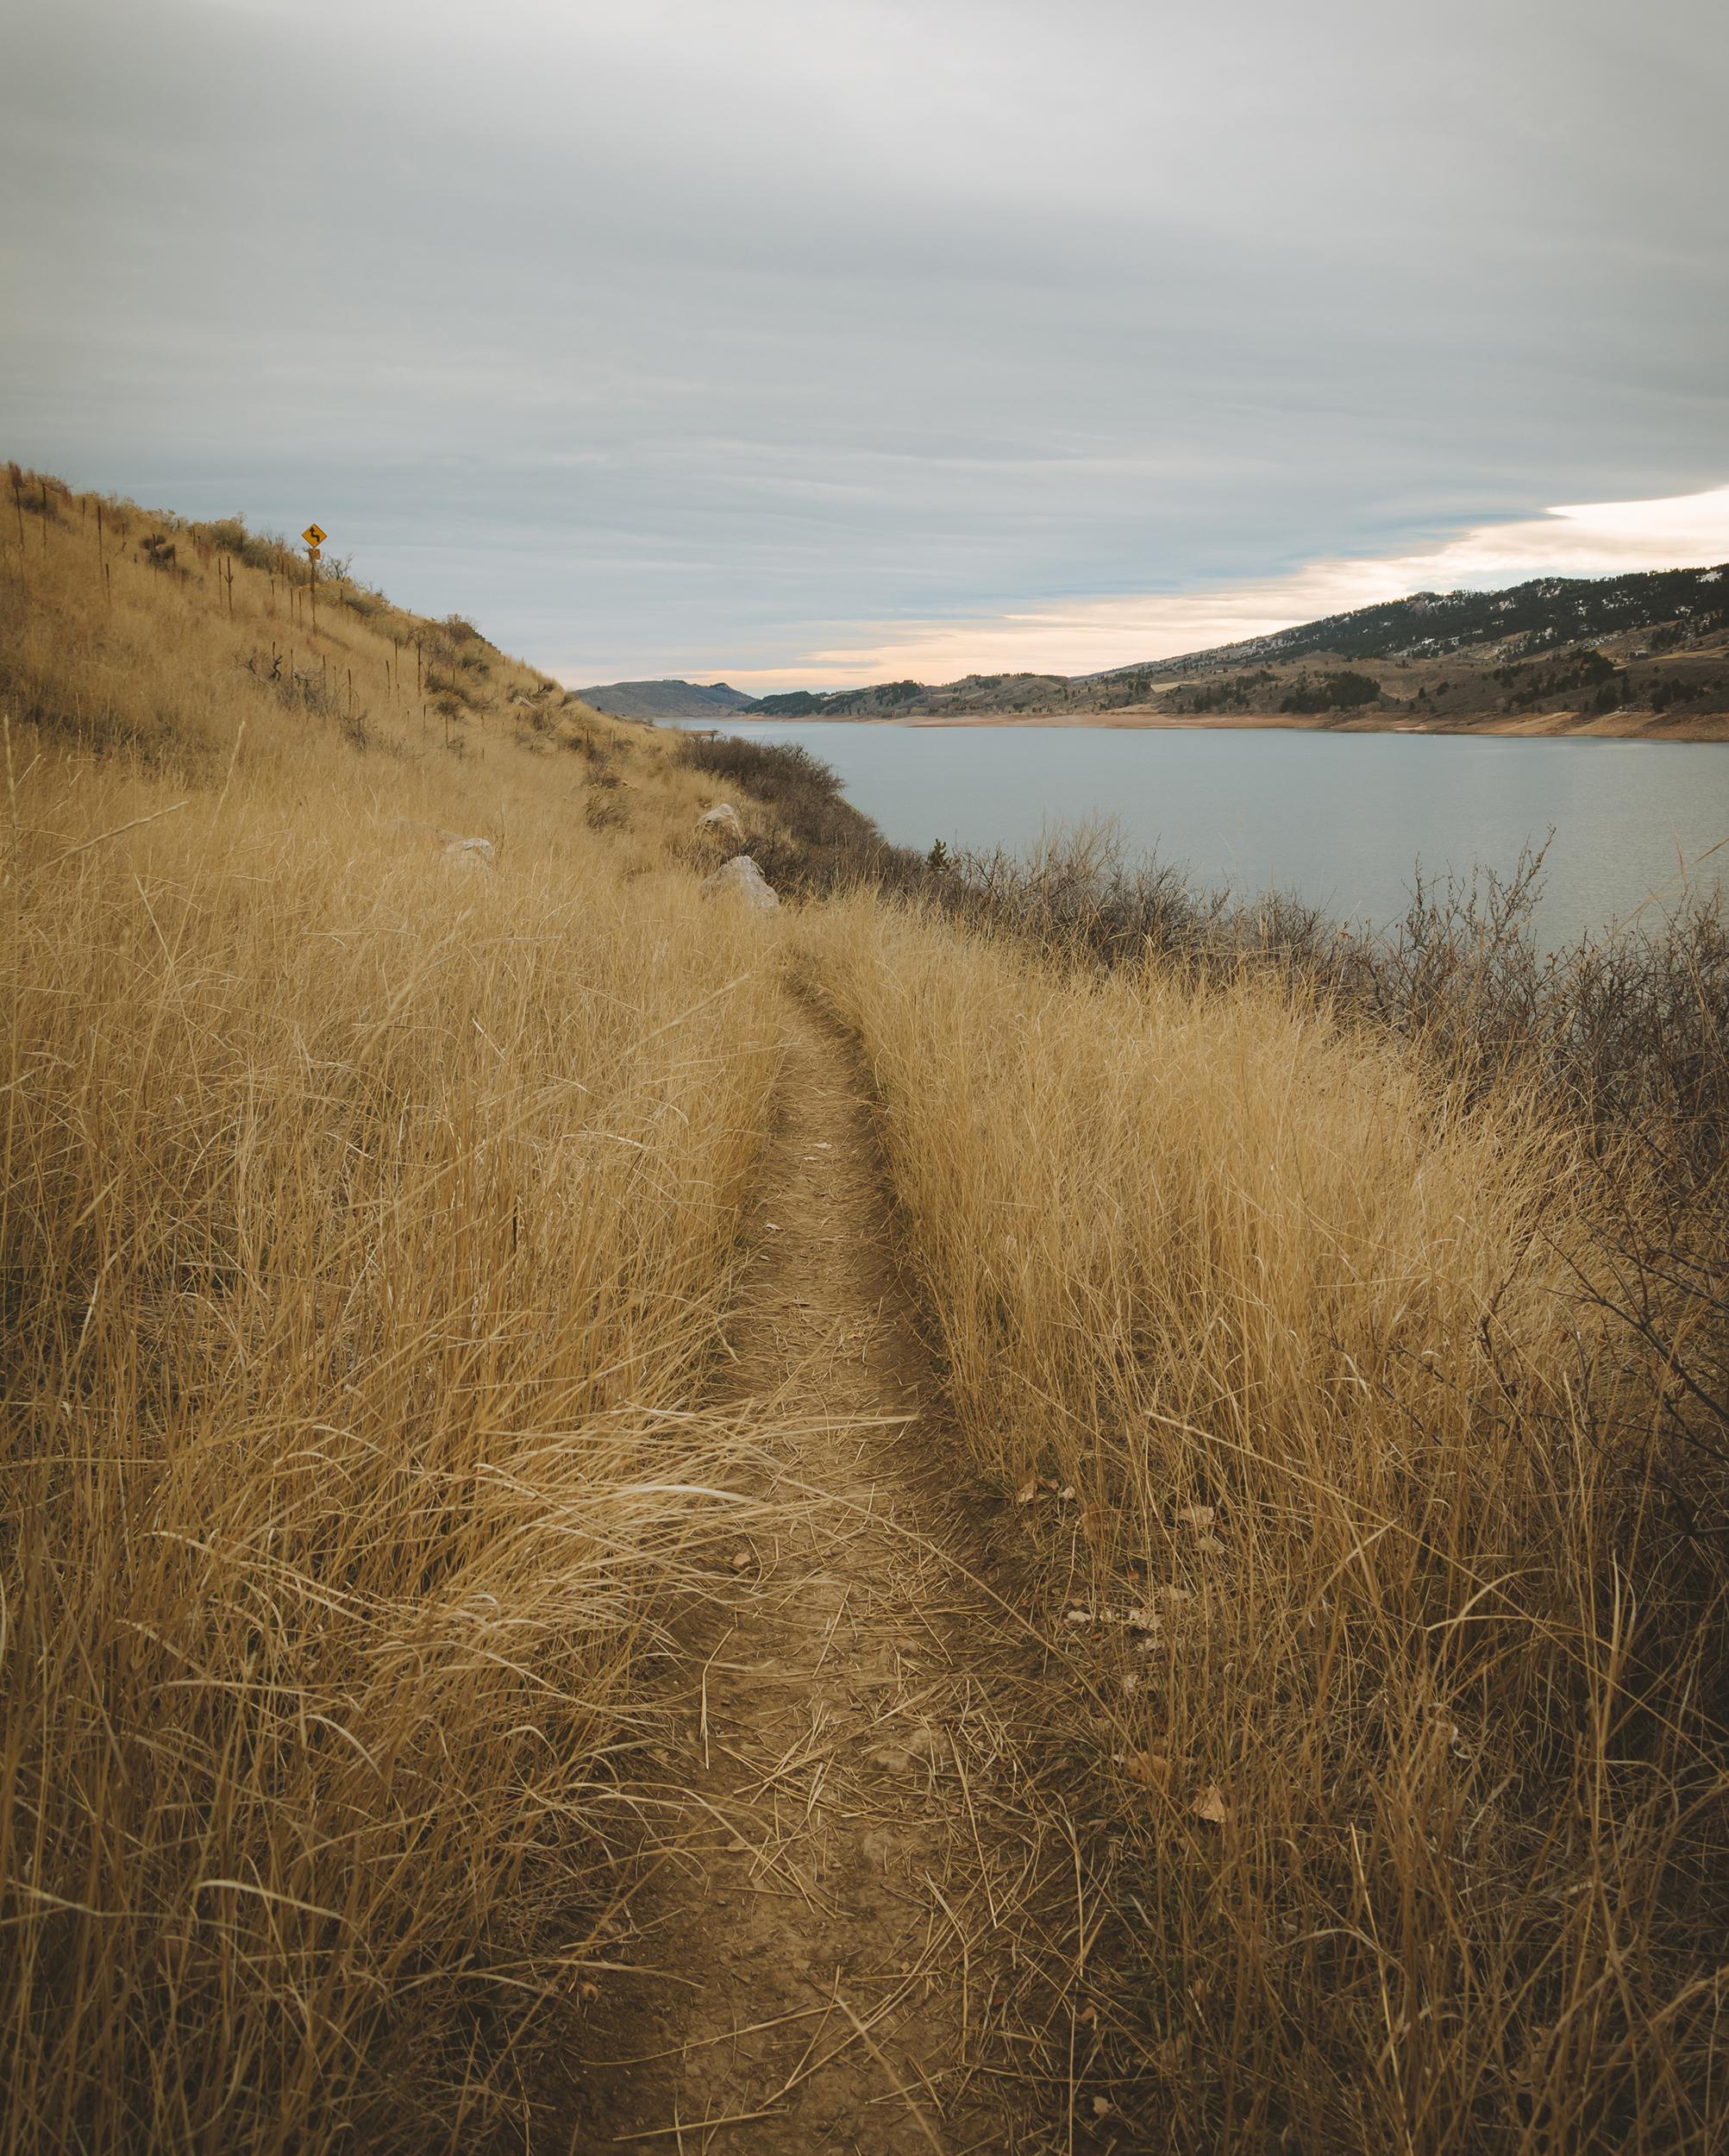 Matt Grandbois Photography — IMG_6963 - Crop